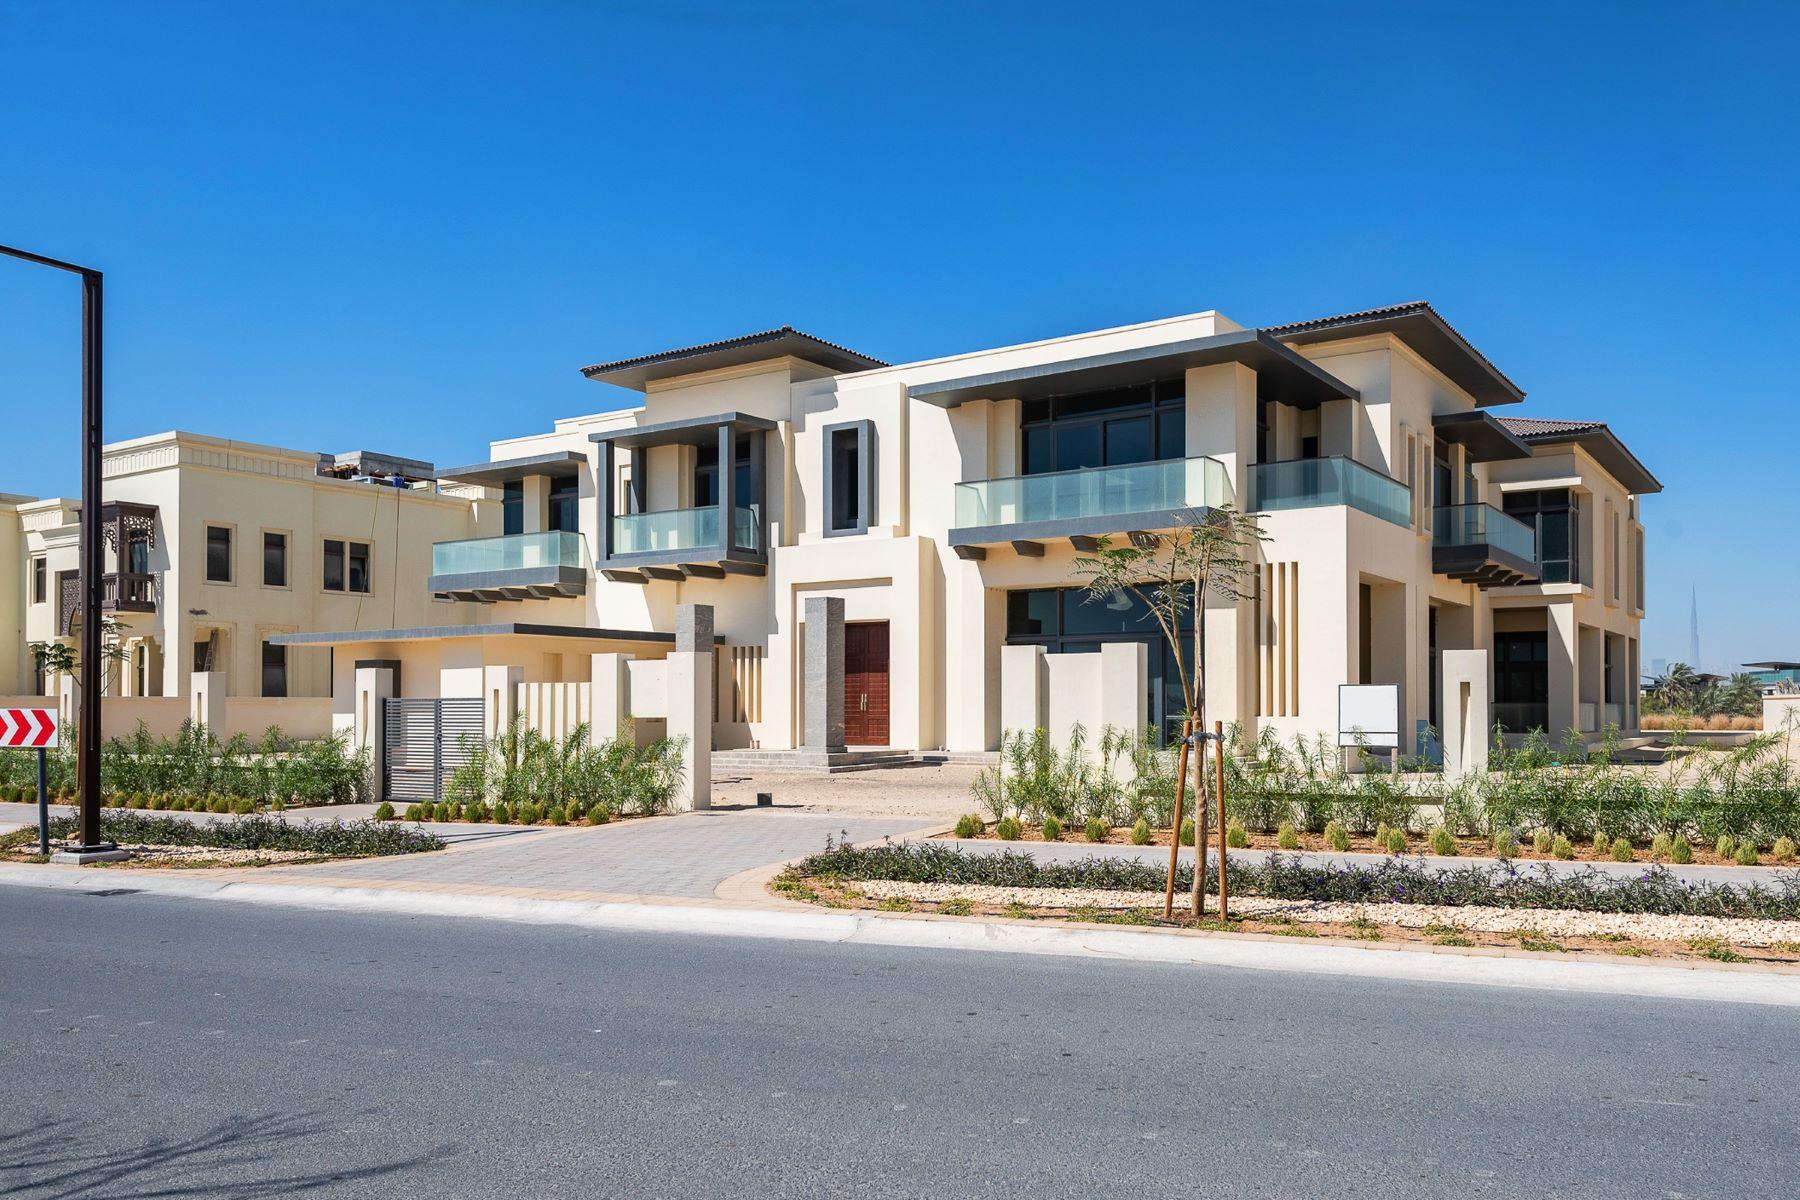 Single Family Home for Sale at Contemporary 5 Bed Villa in Dubai Hills Dubai, Dubai United Arab Emirates